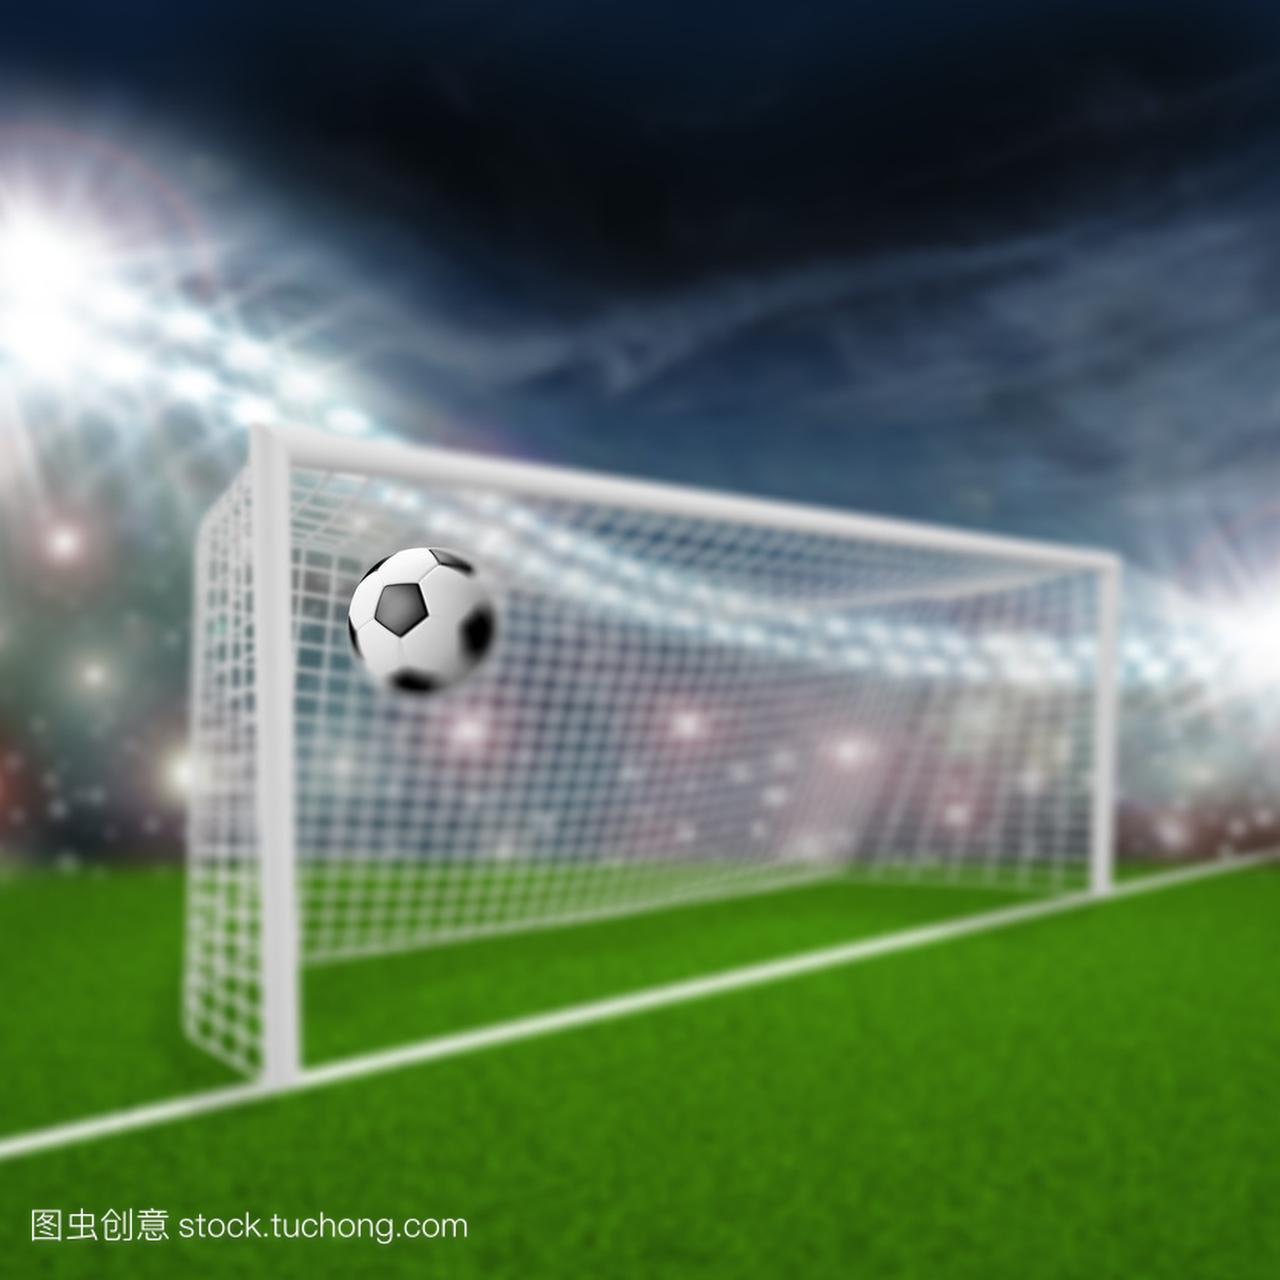 足球球飞进了球门